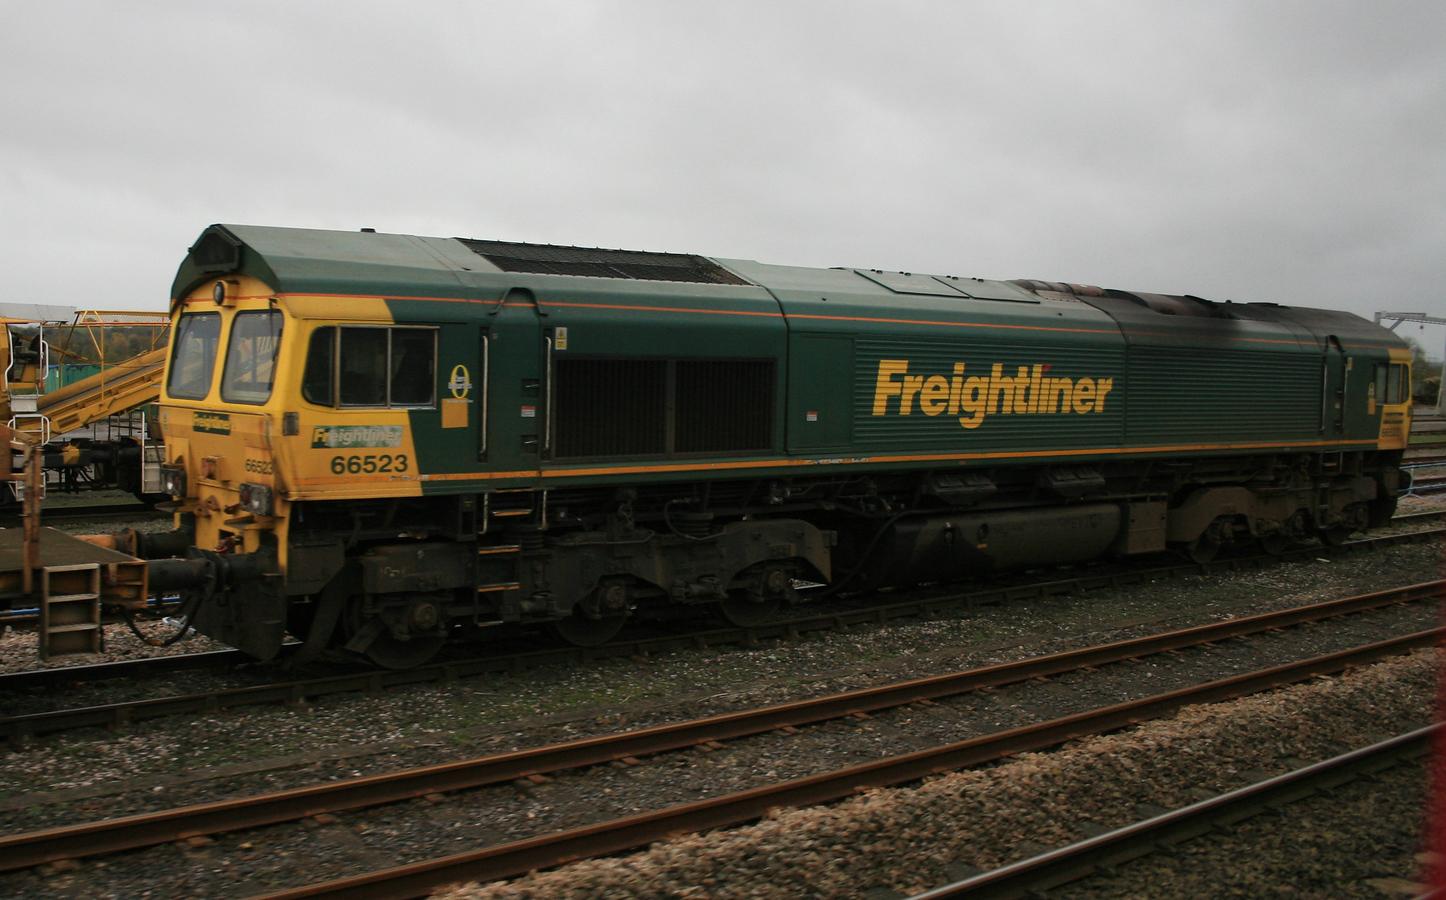 66523_FairwaterYard_15112015 (8)_Freightliner